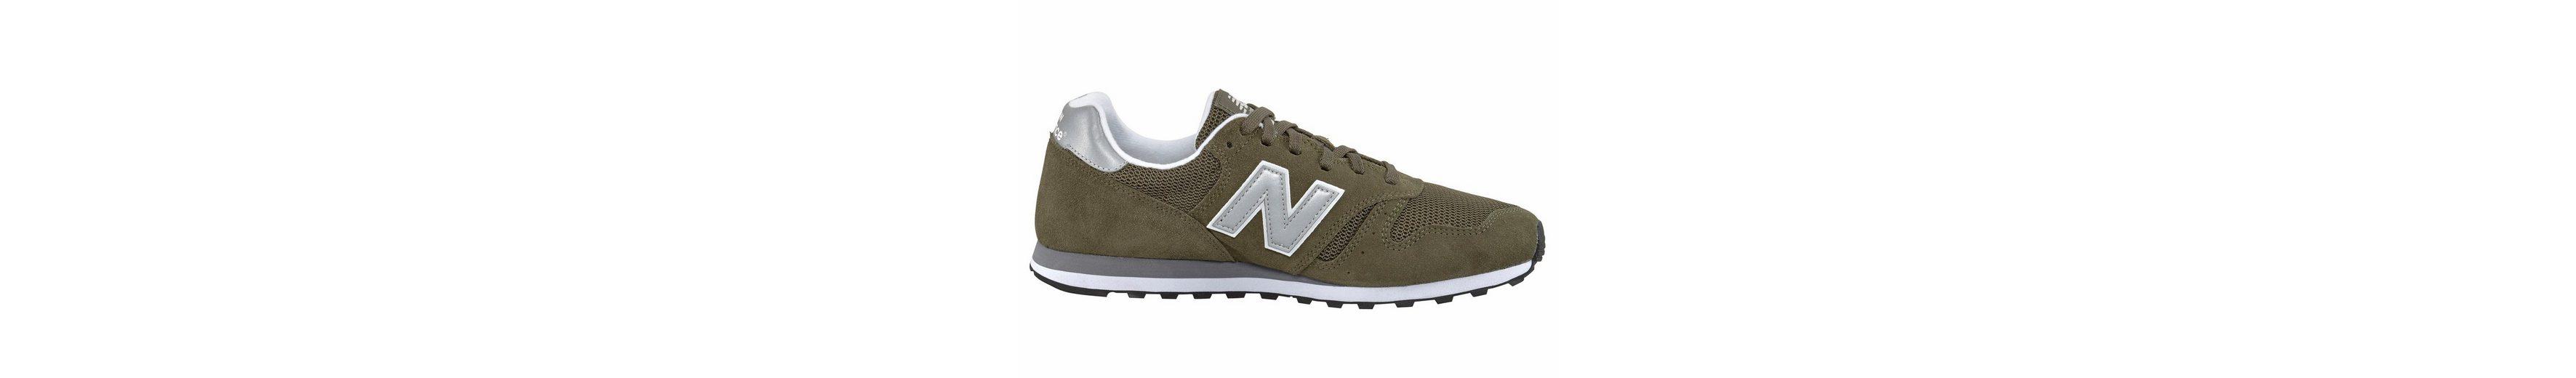 New Balance ML373 M Sneaker Günstig Kaufen Neue Stile Freies Verschiffen Neue Stile Mit Visum Günstigem Preis Zahlen Online-Shopping-Original MYR1caO